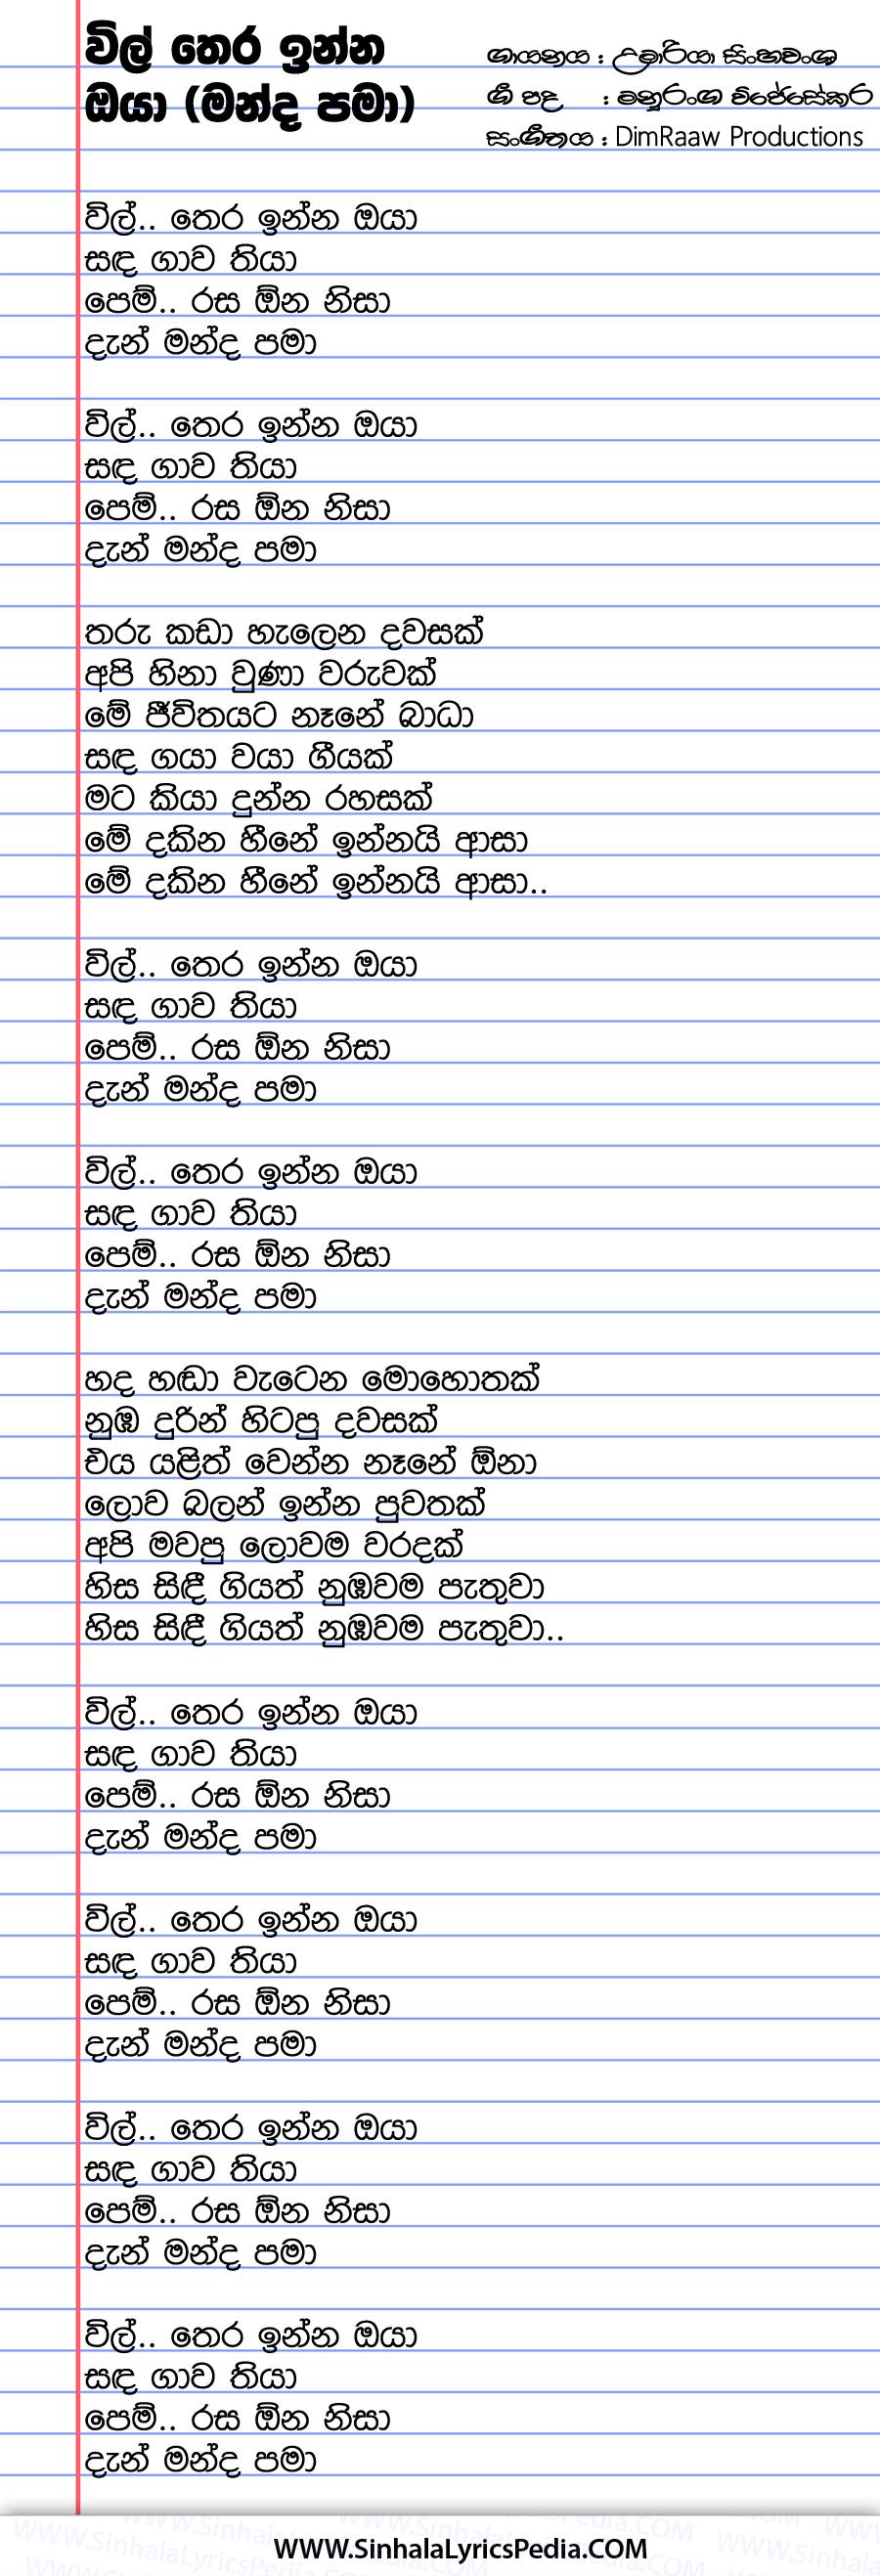 Vil Thera Inna Oya (Manda Pama) Song Lyrics